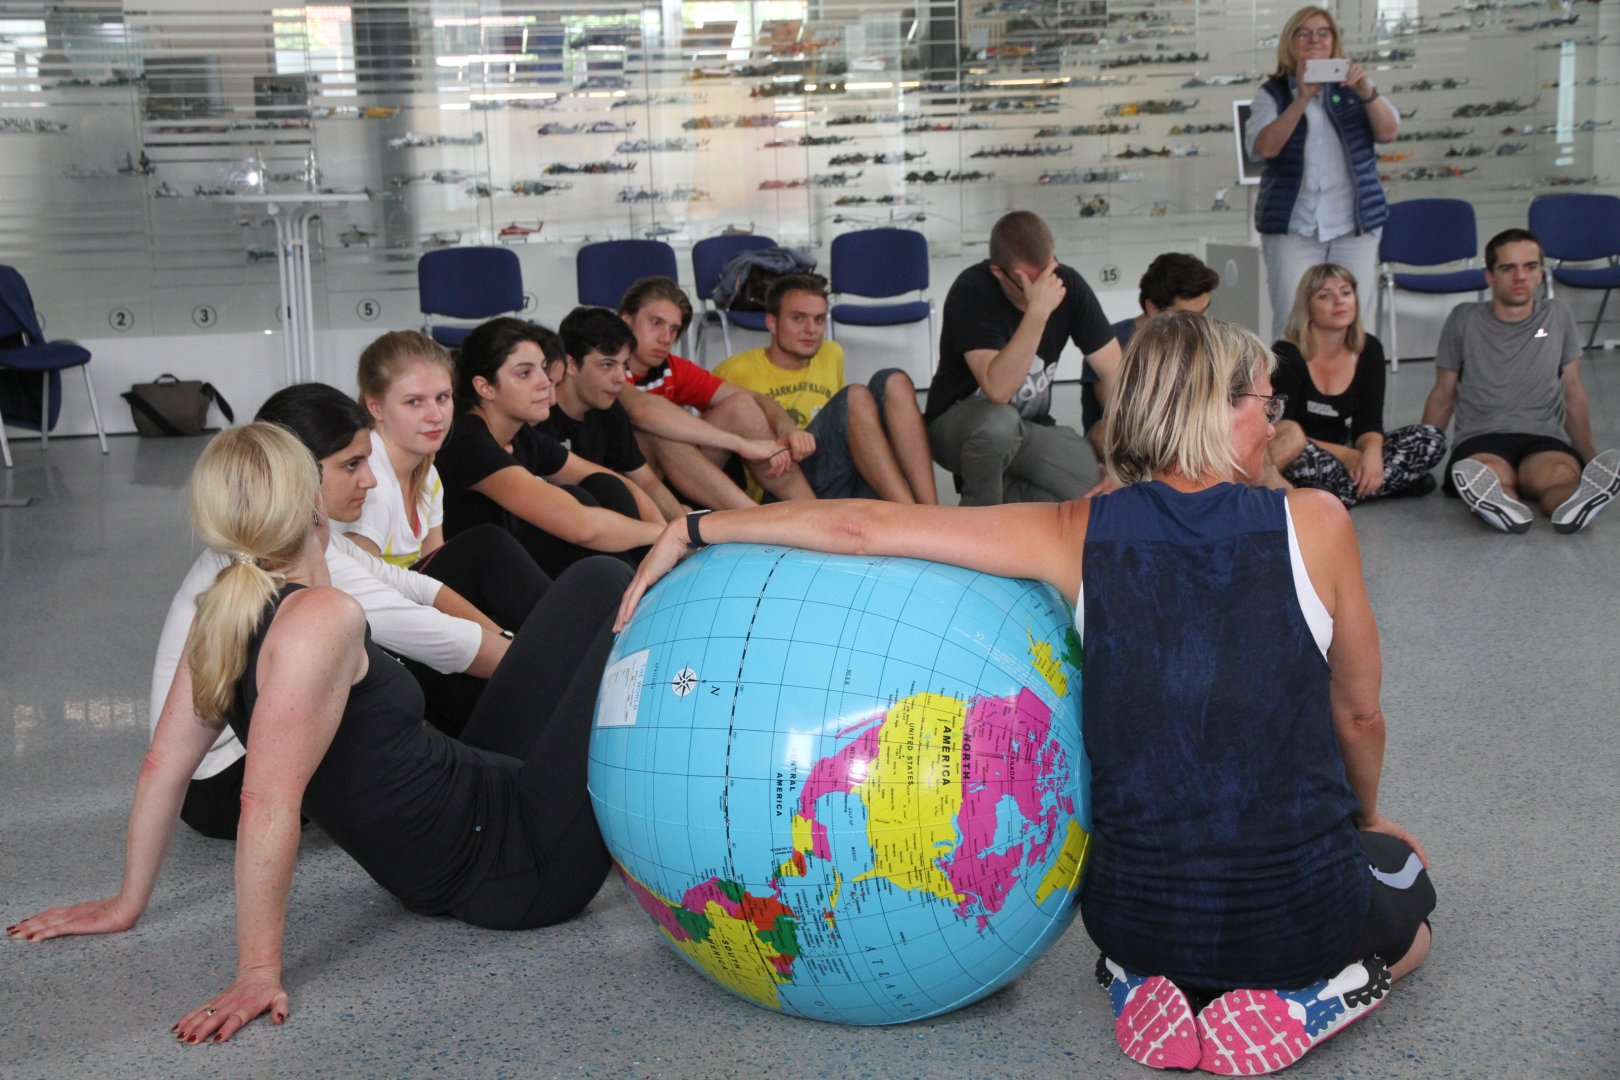 Eine Gruppe Jugendliche sitzt im Halbkreis auf dem Boden